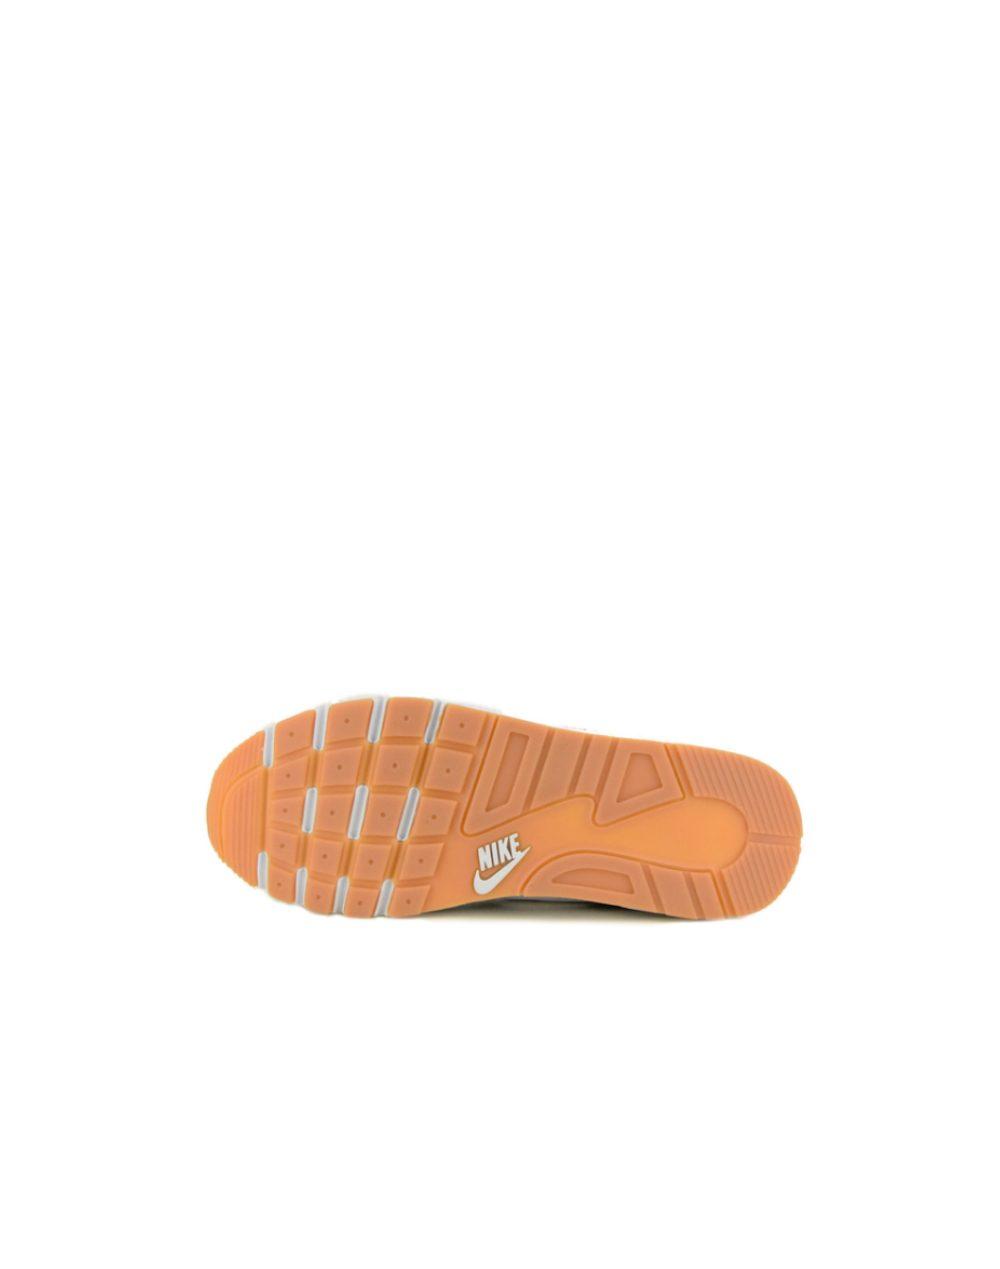 Nike Nightgazer Black/White (644402 006)